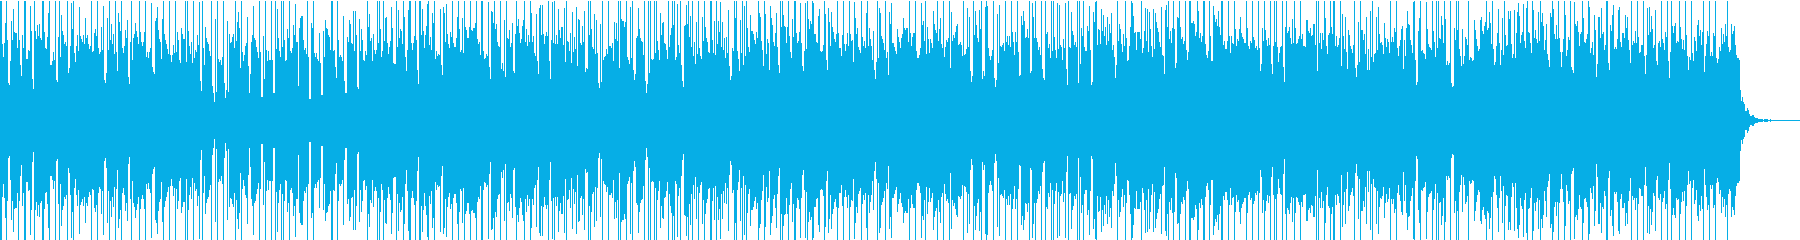 ポジティブなインストゥルメンタルラ...の再生済みの波形